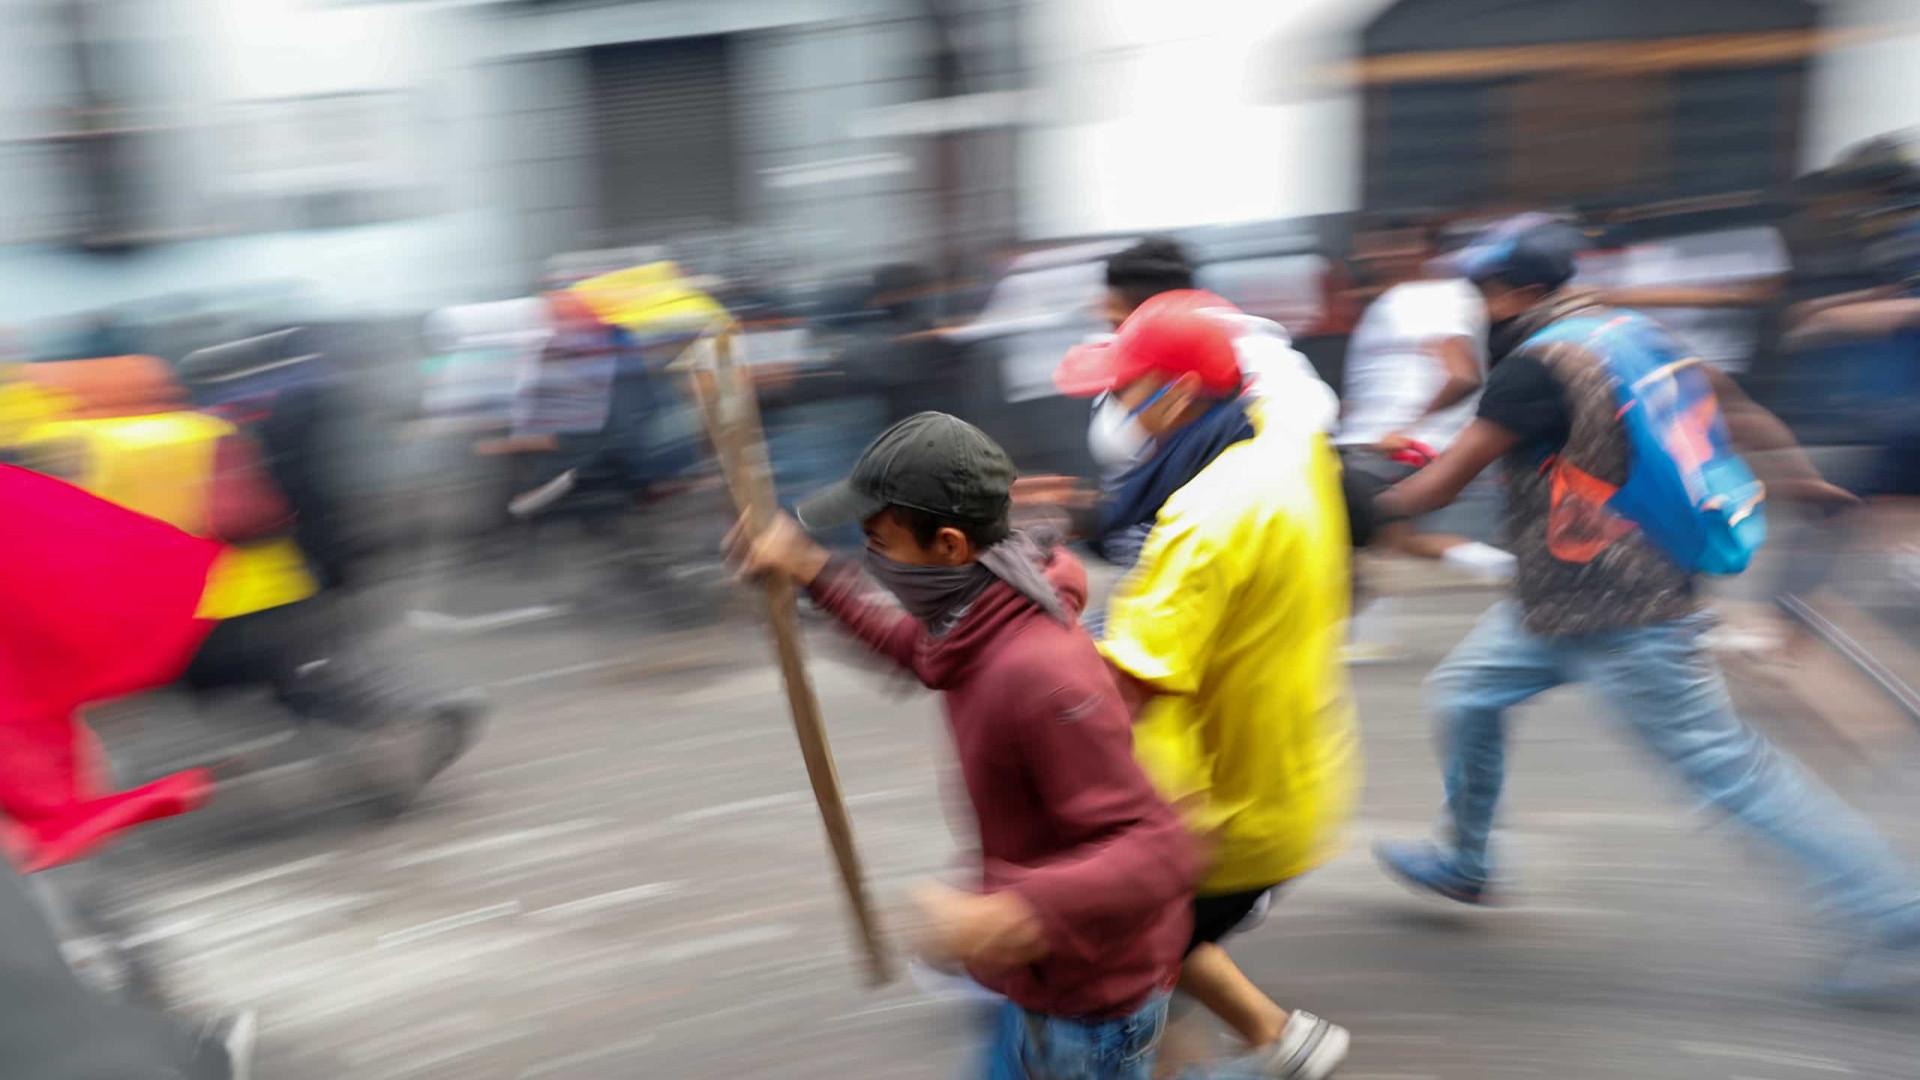 Brasil e mais 6 países culpam ditador venezuelano por crise no Equador